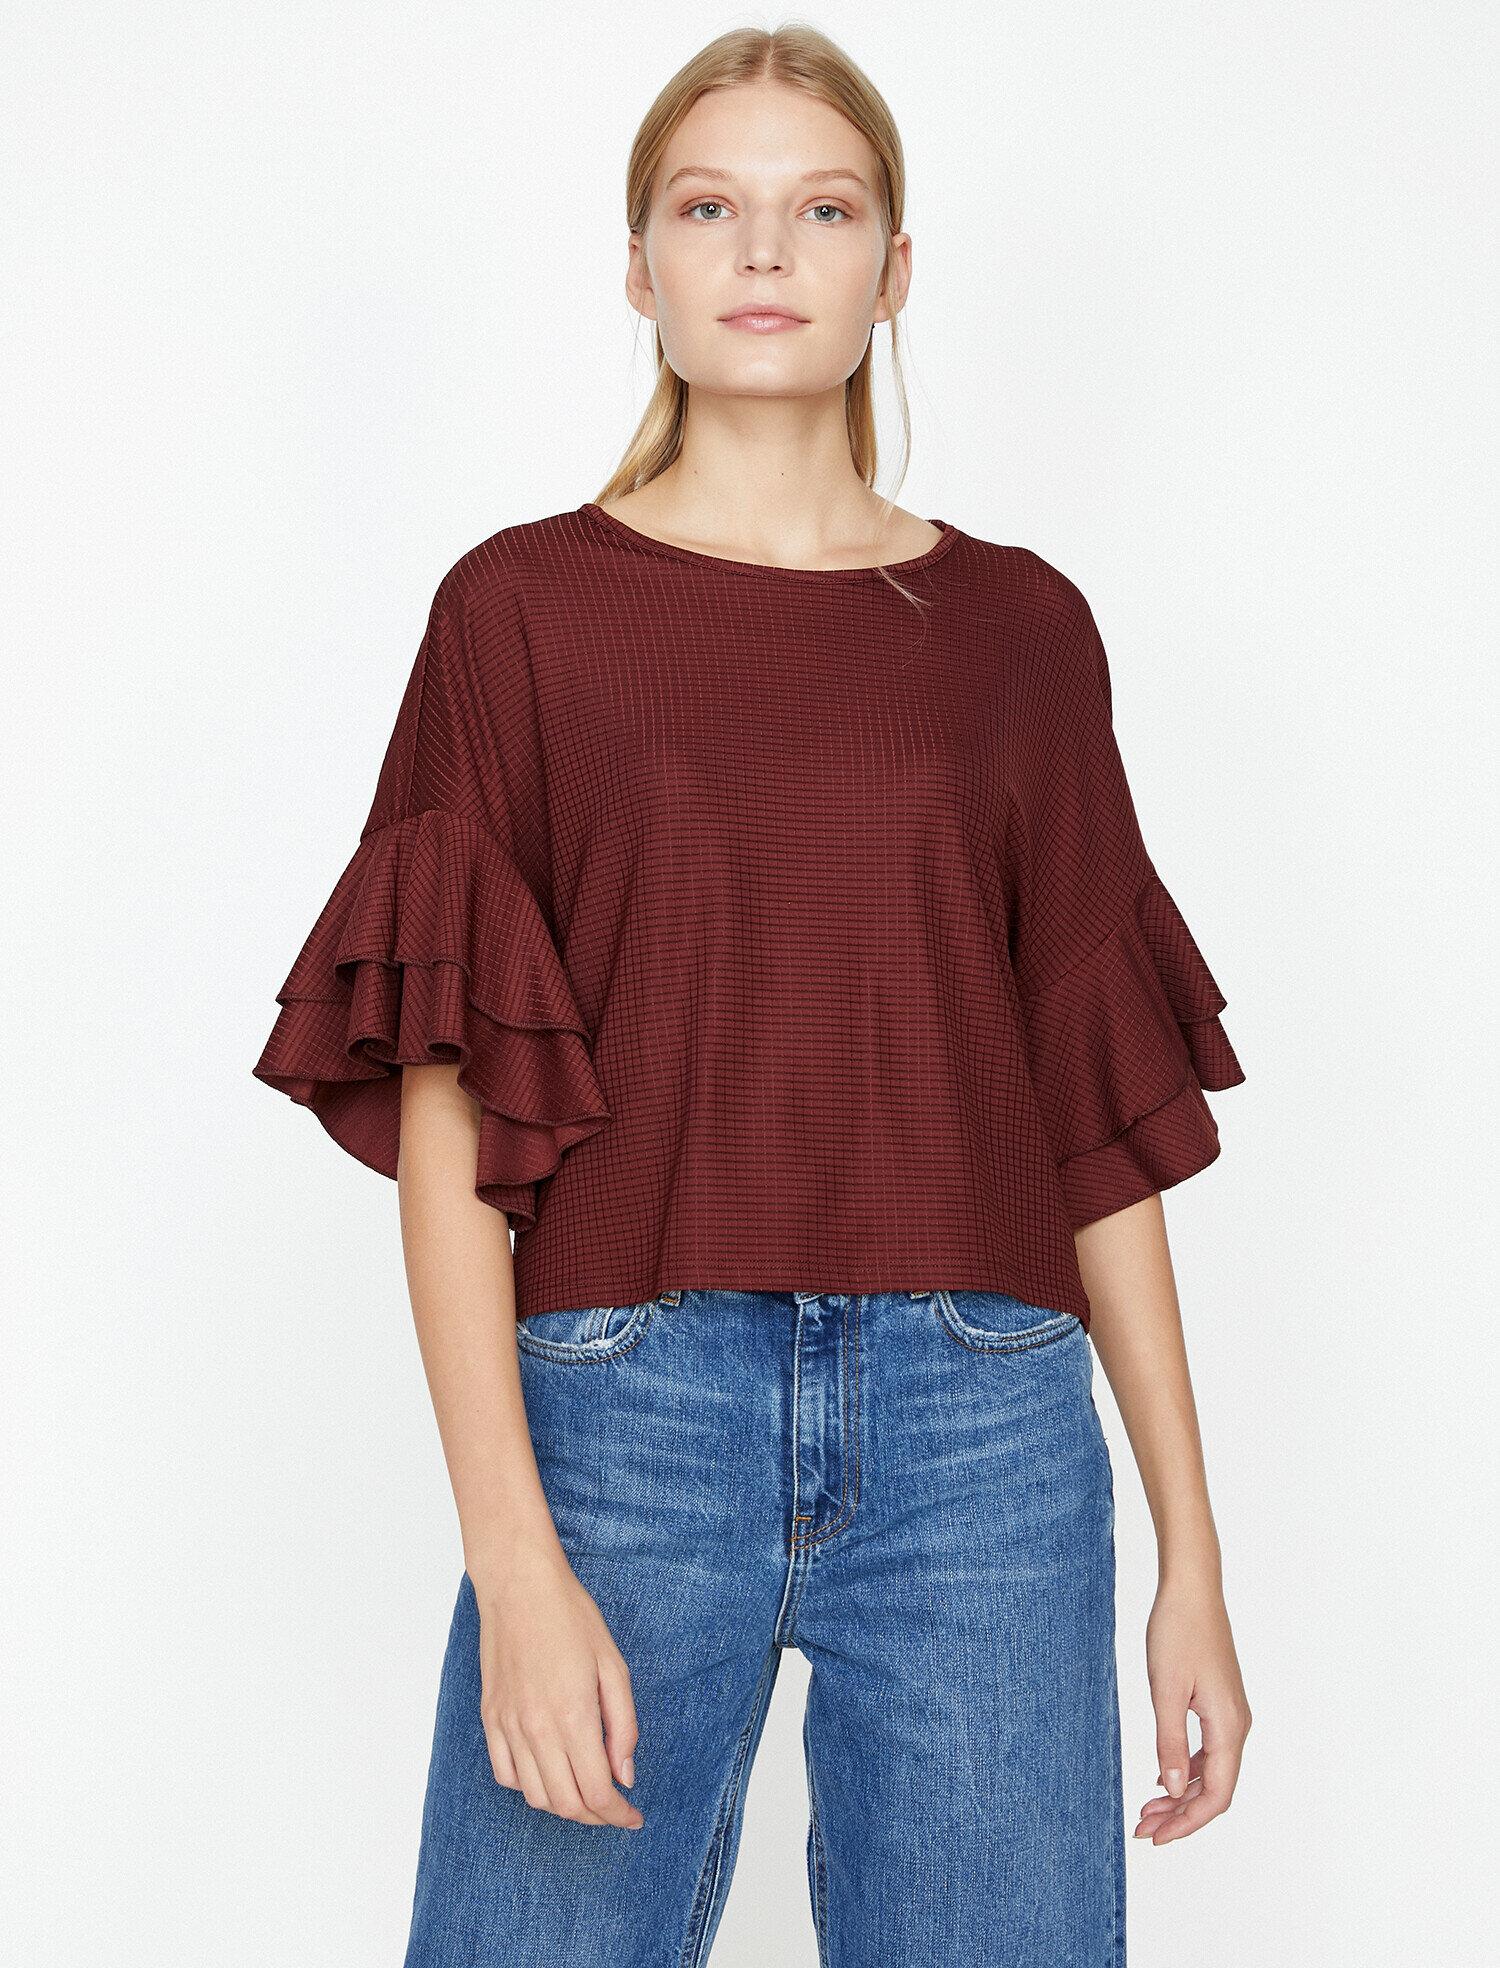 Koton Kadın Volan Detayli T-Shirt Bordo Ürün Resmi